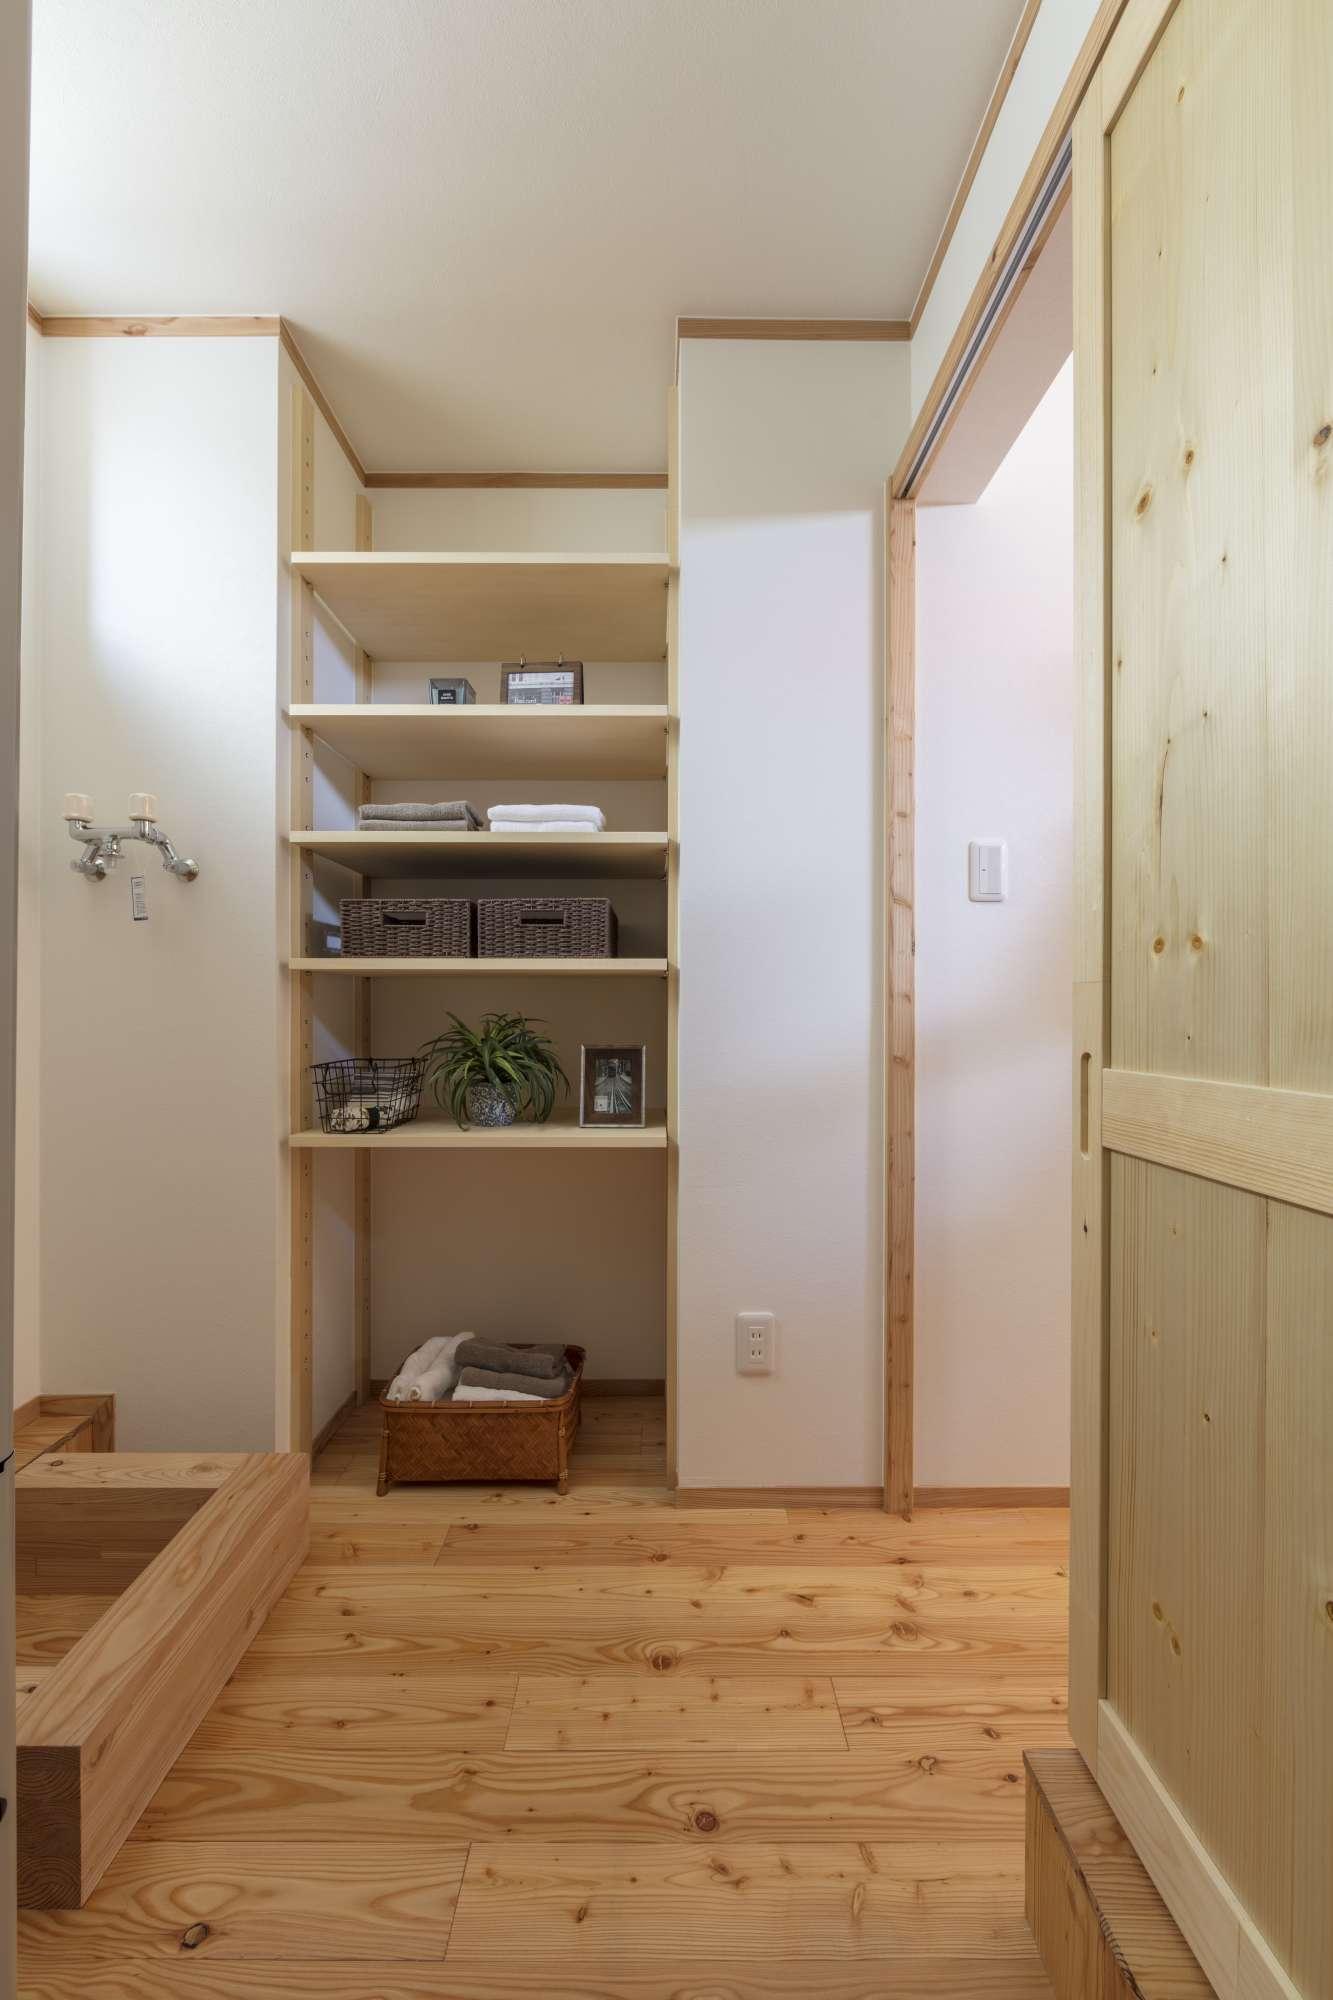 脱衣室にも造作棚を設置。造作家具など木で統一し温もりのある空間。 -  -  -